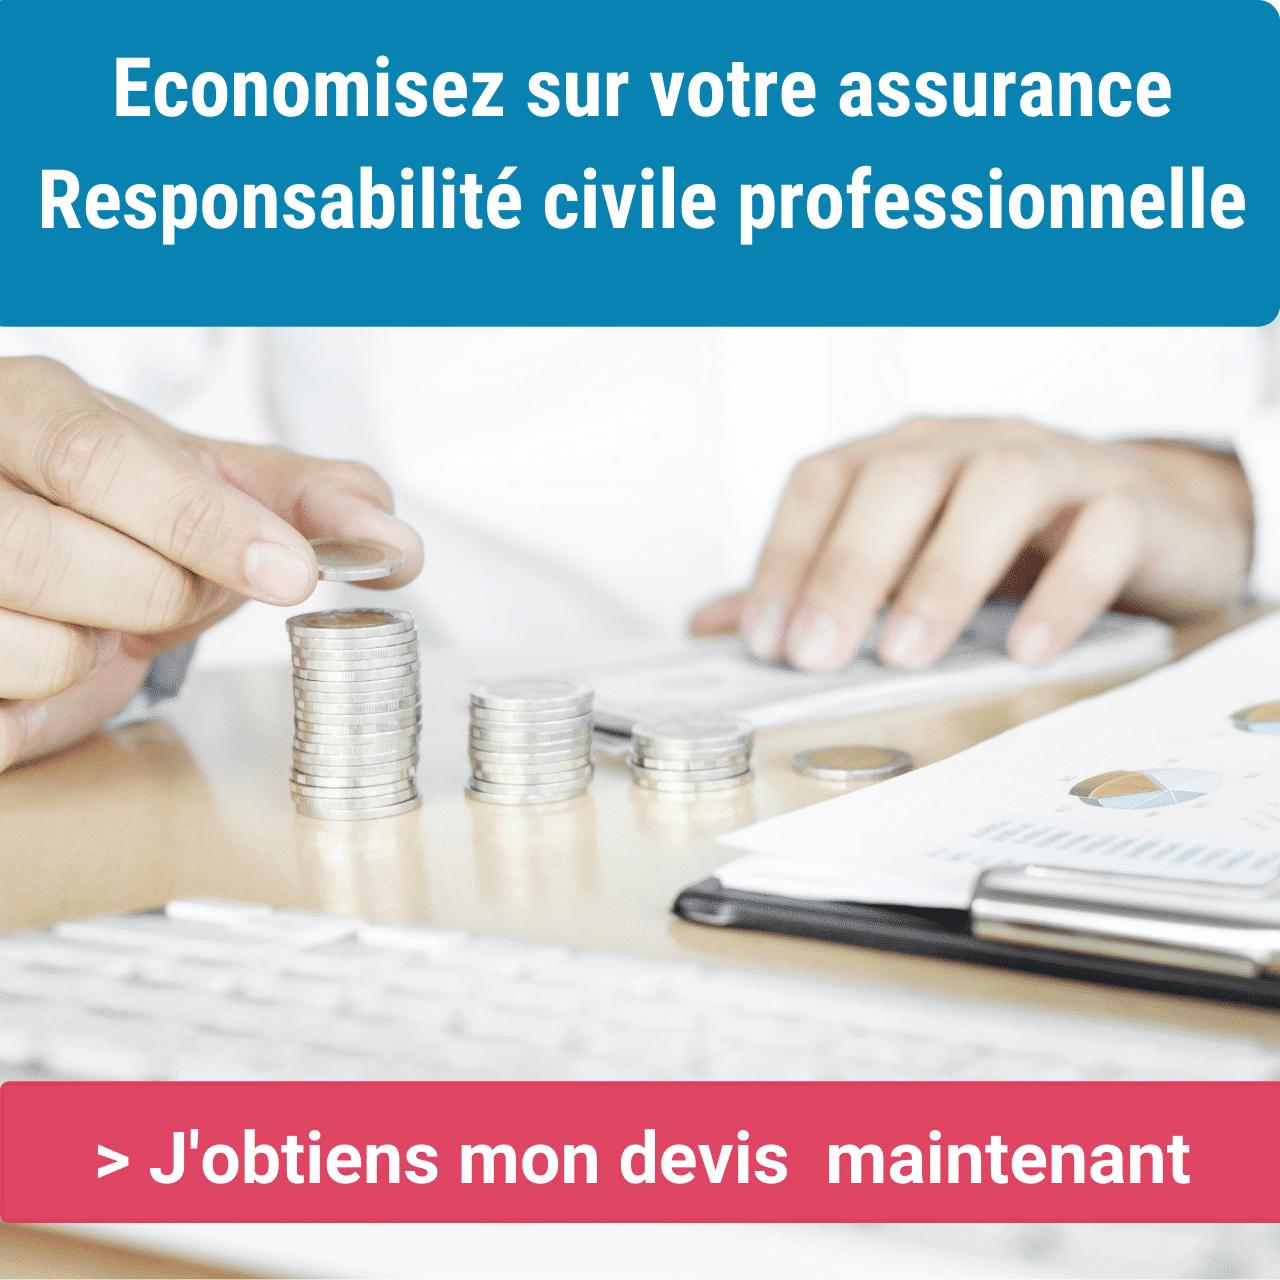 assurance responsabilité civile professionnelle devis